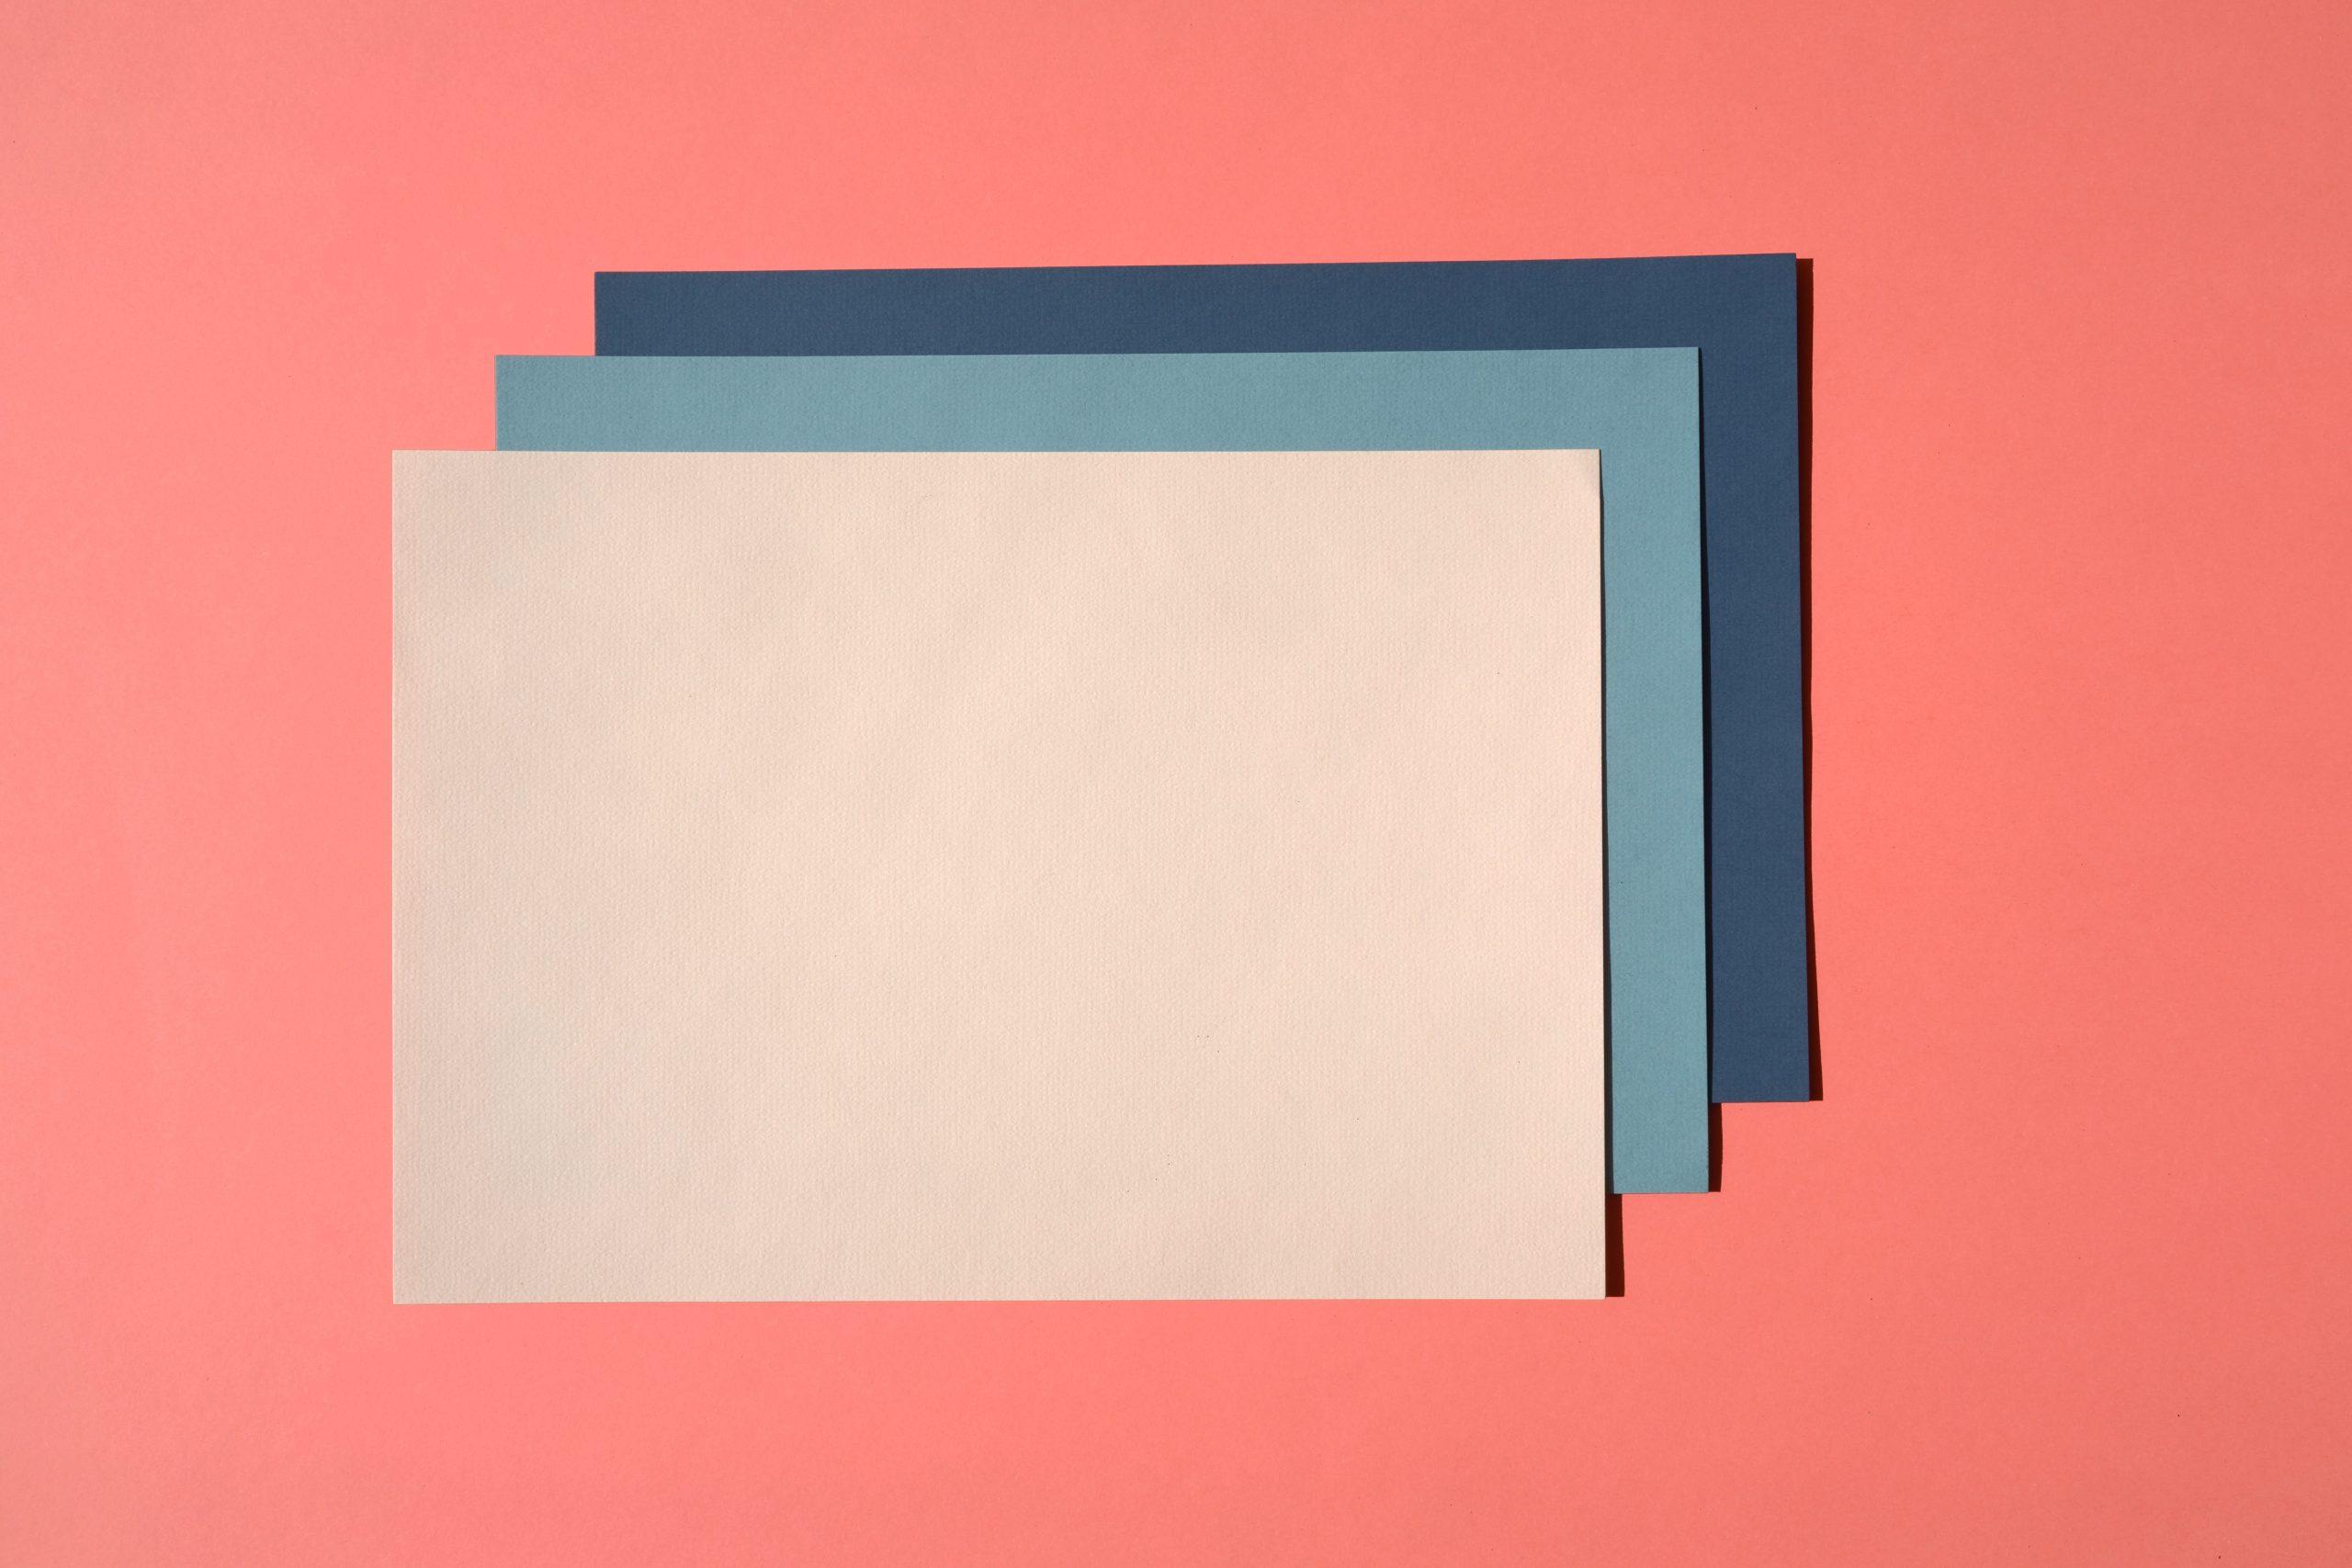 Fotografia di fogli colorati sovrapposti